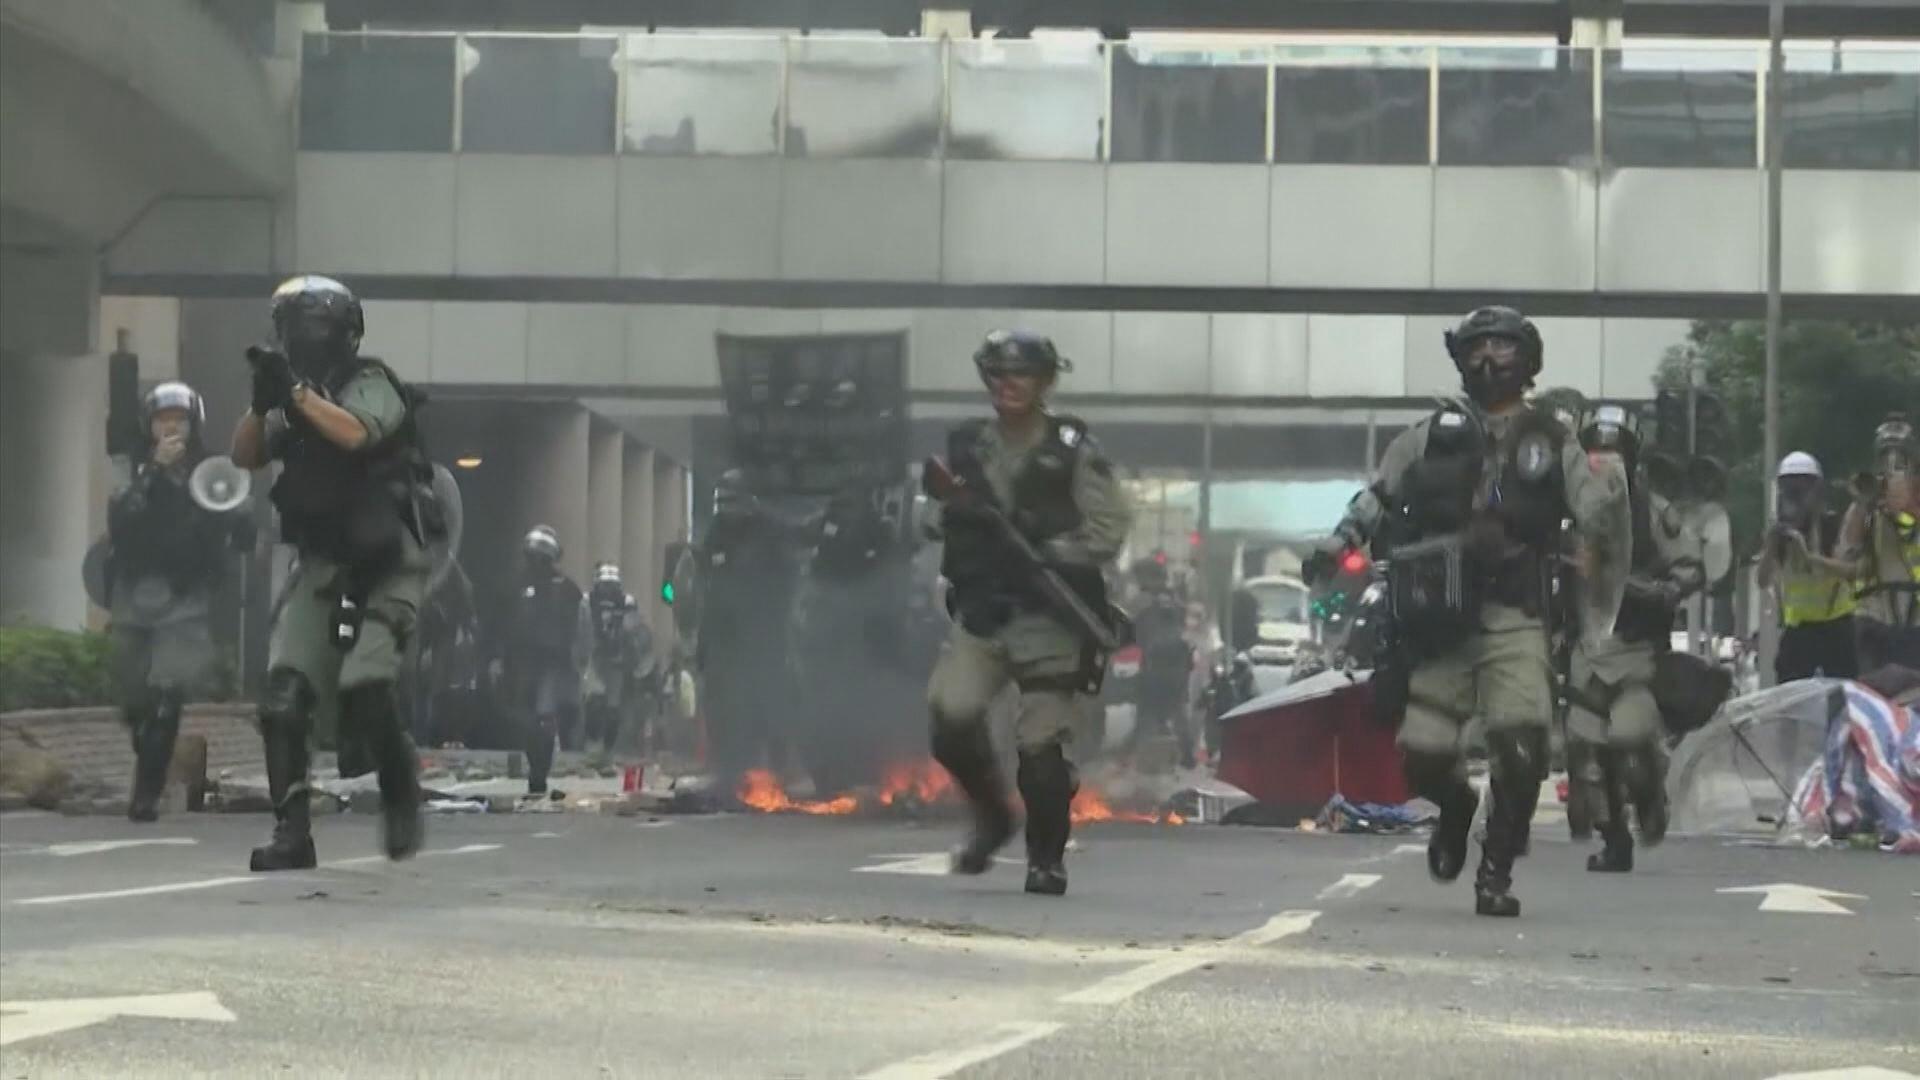 홍콩시위... 사흘째 '교통대란'등 사태 갈수록 악화